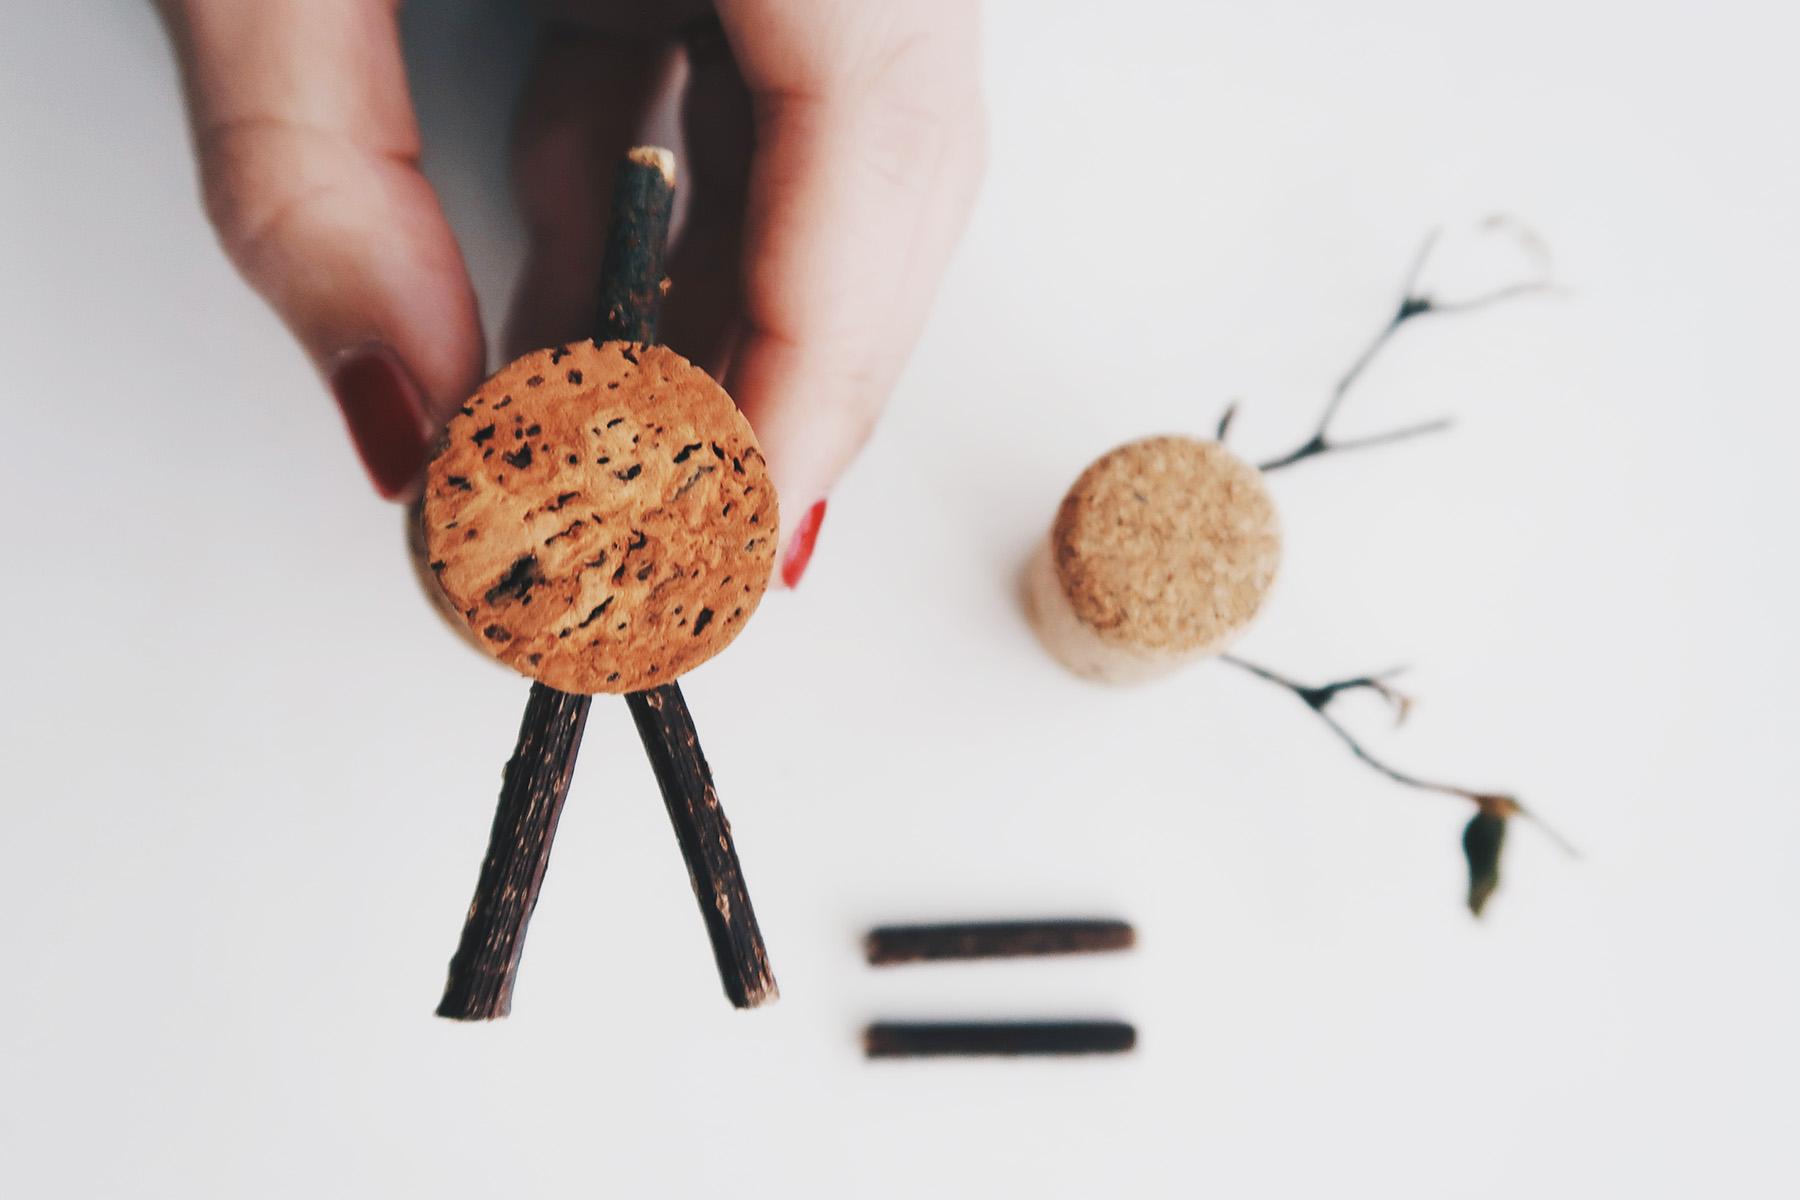 / 灰調 / DIY 手作小教學:聖誕節軟木塞小麋鹿 Step3